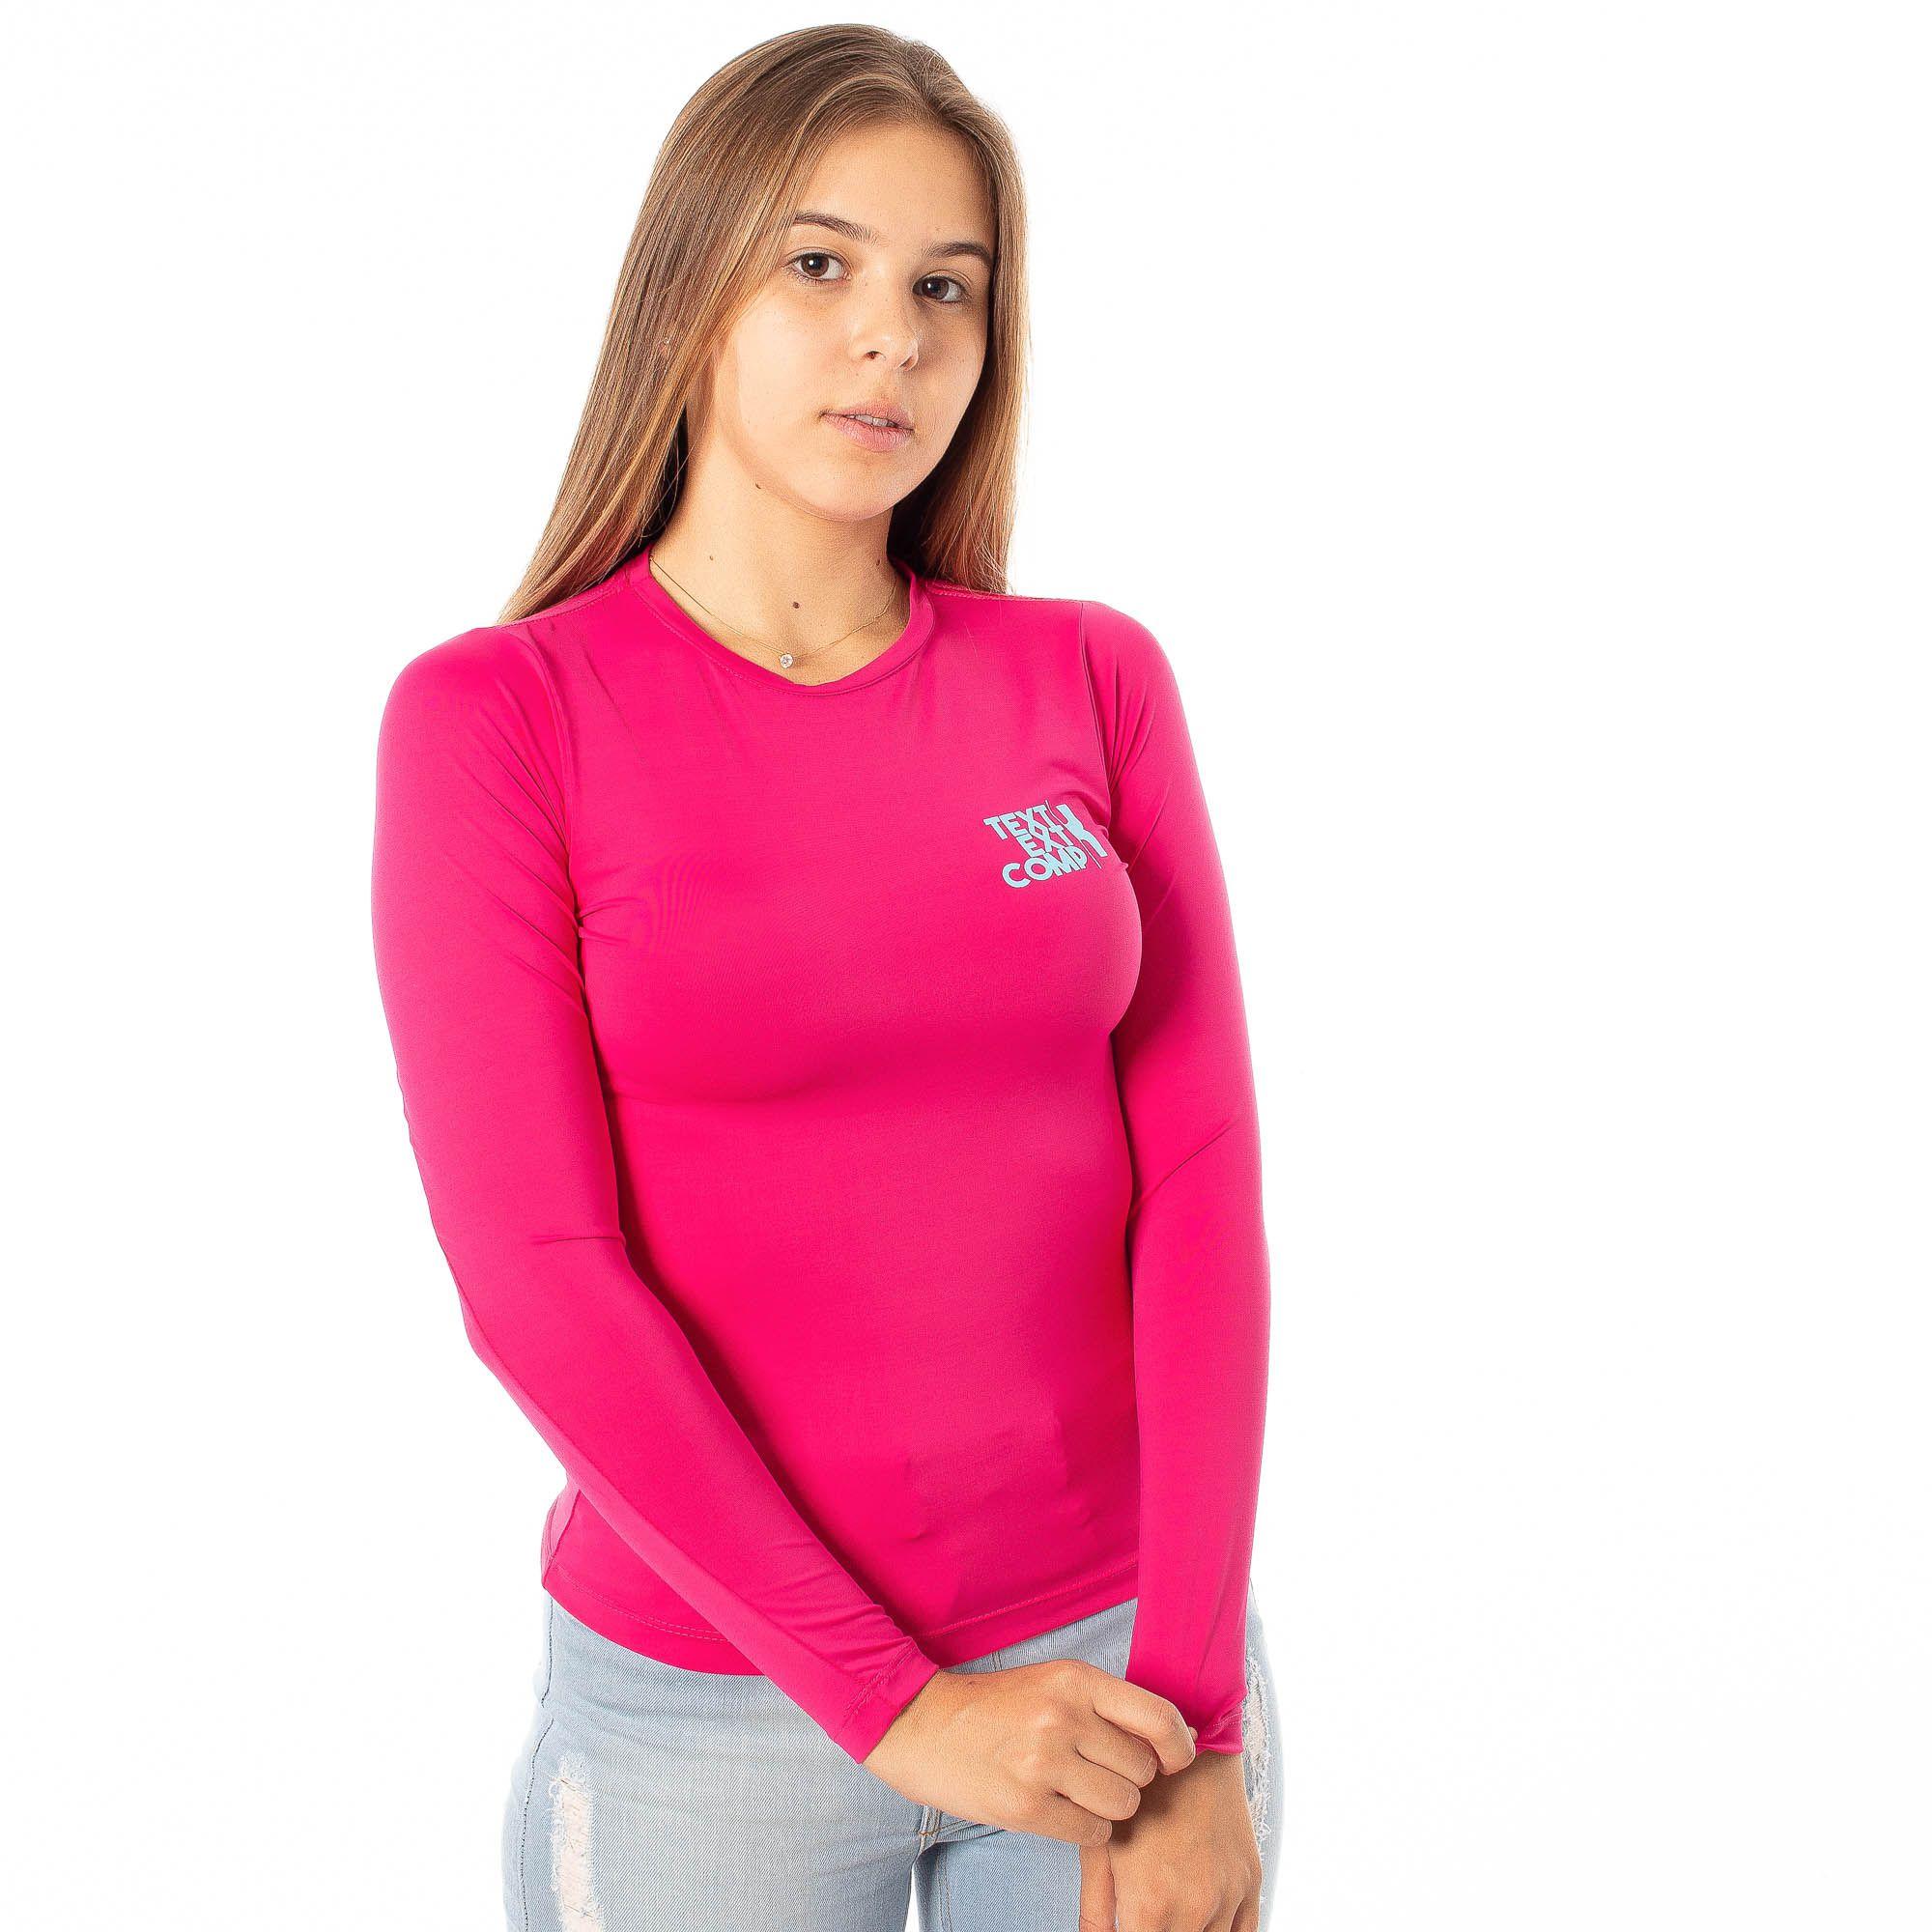 Camiseta TXC Brand UV 4485